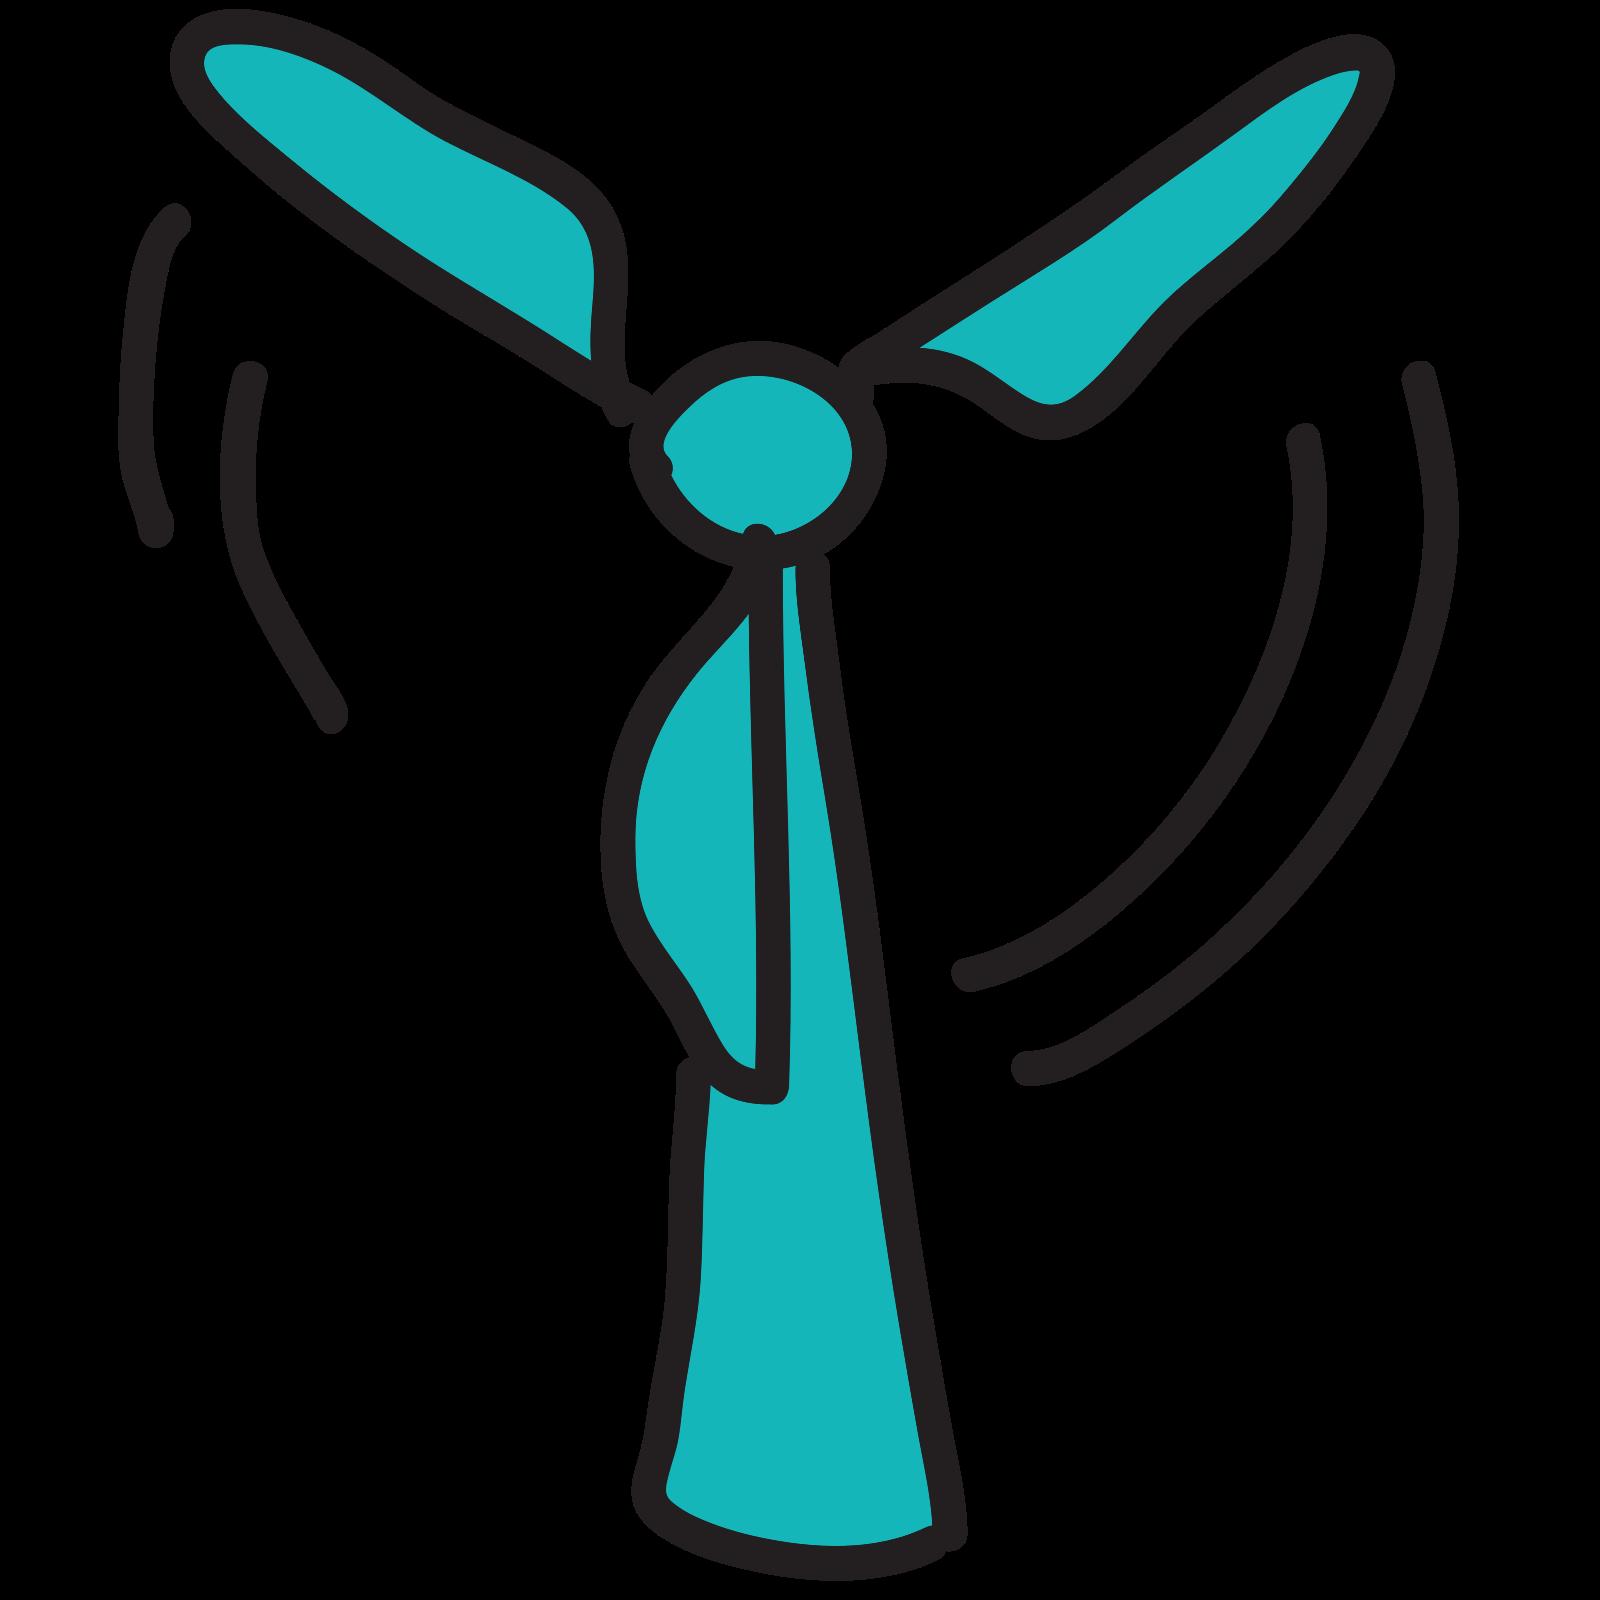 Wiatrak icon